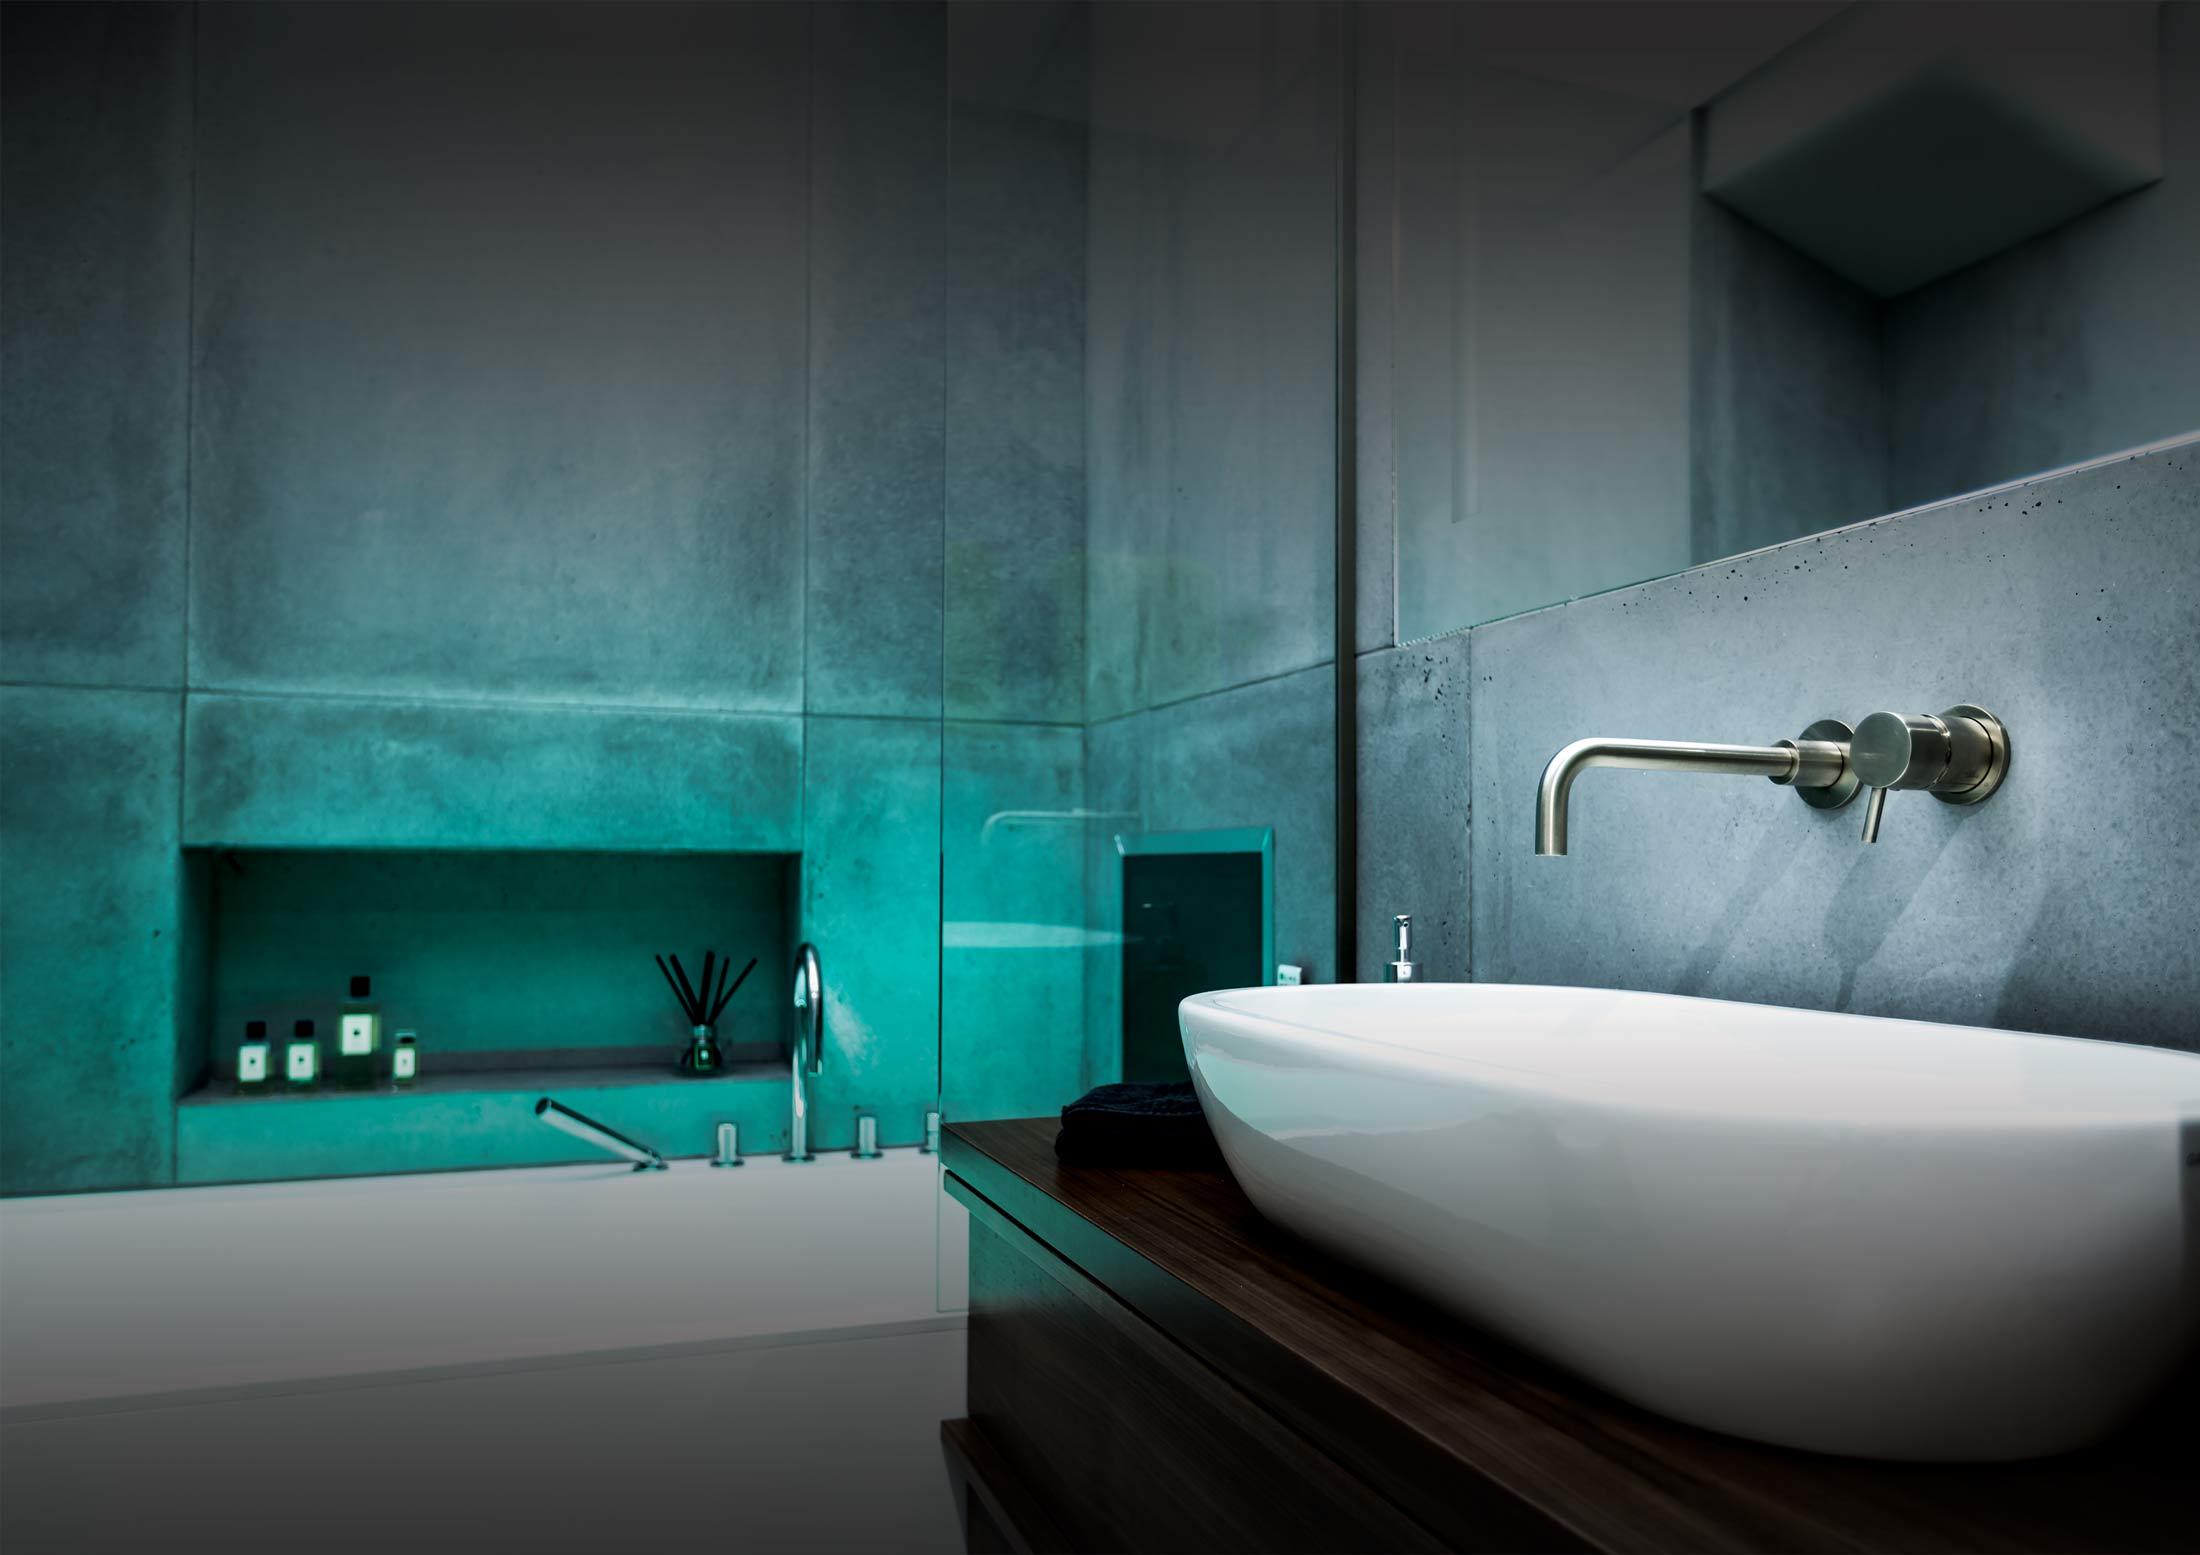 0244-concrete-tiles-bath-tv-light-vorbild-architecture